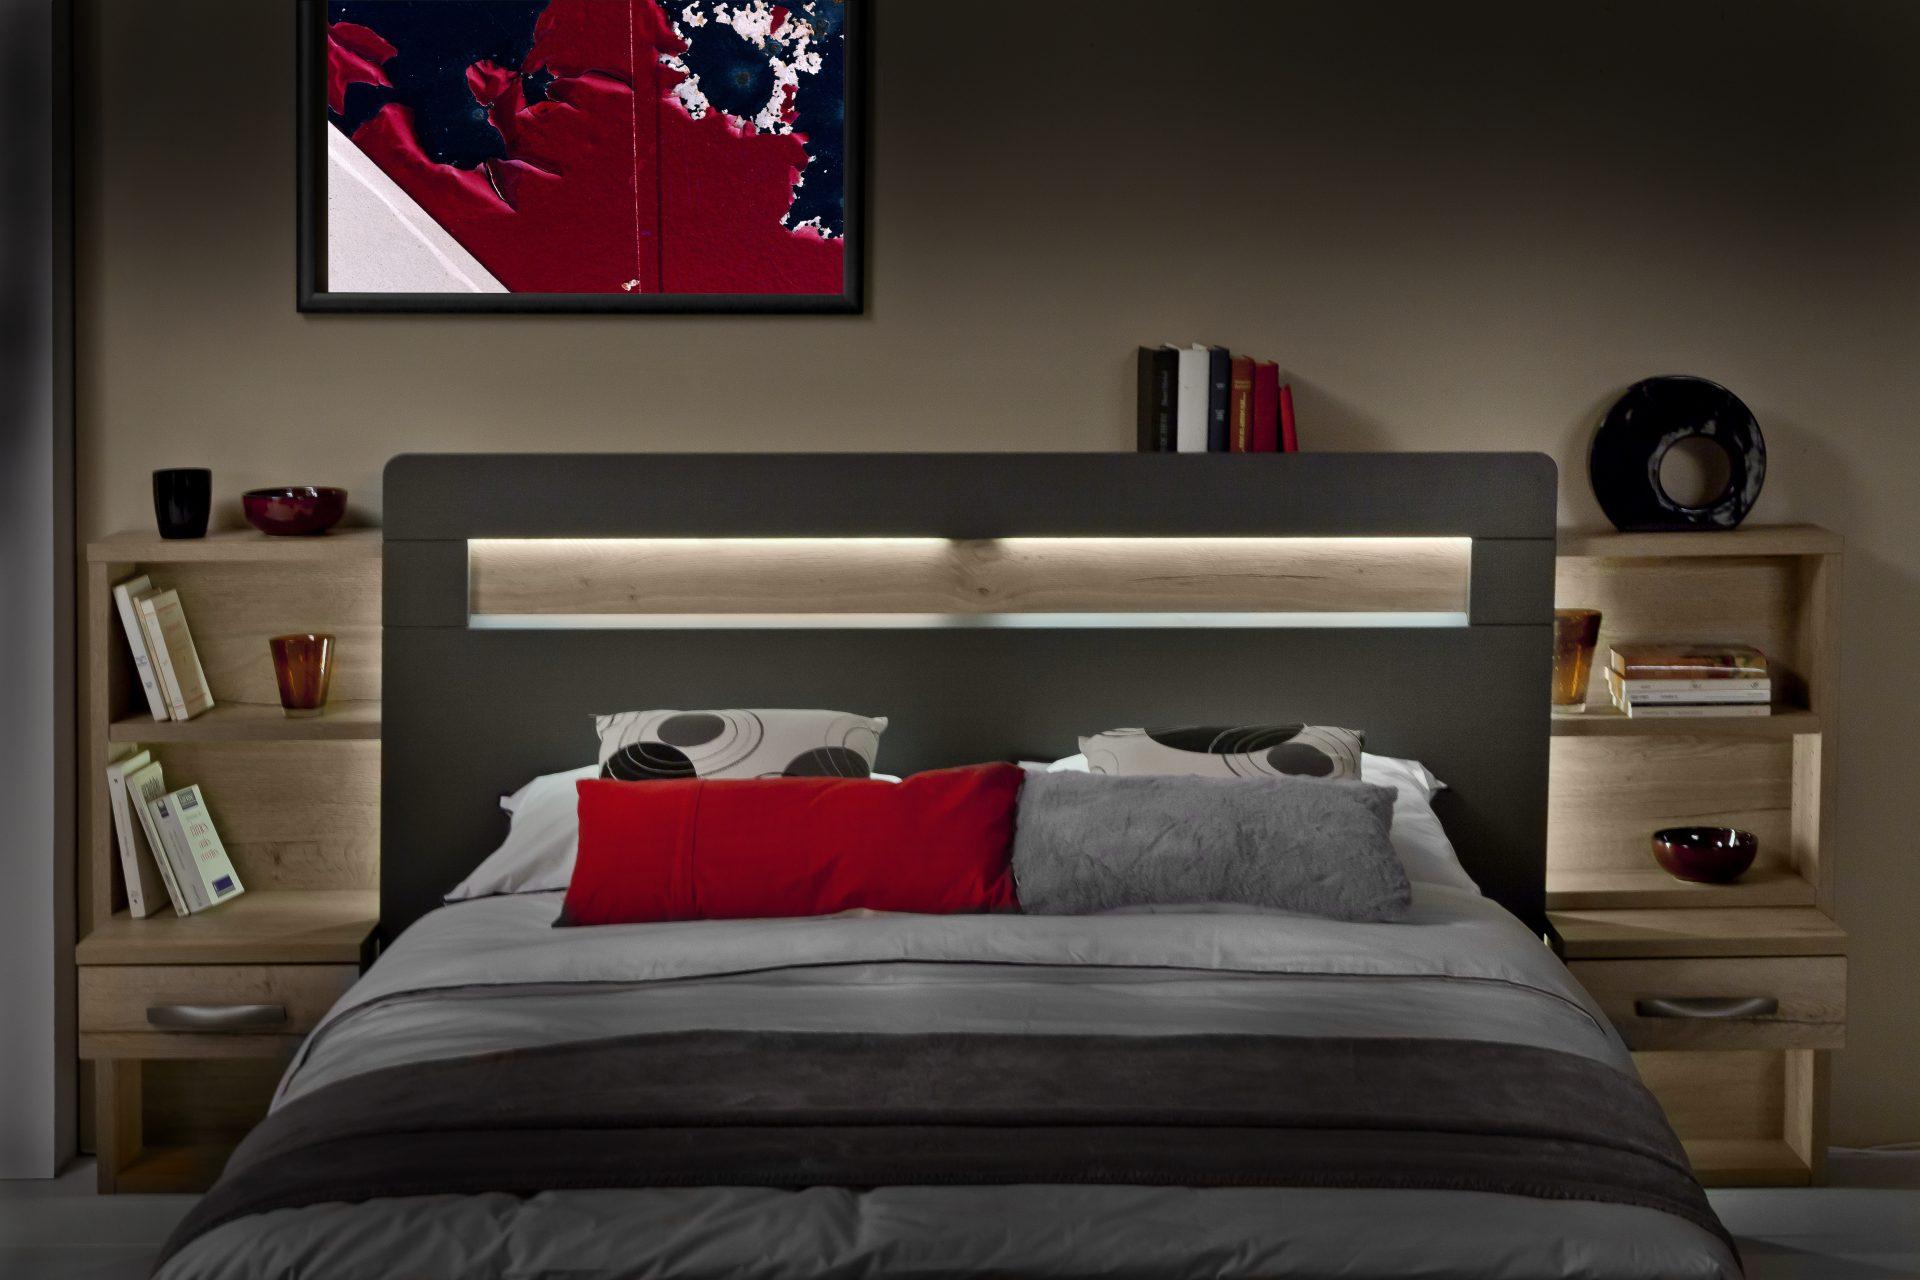 T te de lit calypso crosse m lamin structur ch ne blanc - Tete de lit blanc laque ...